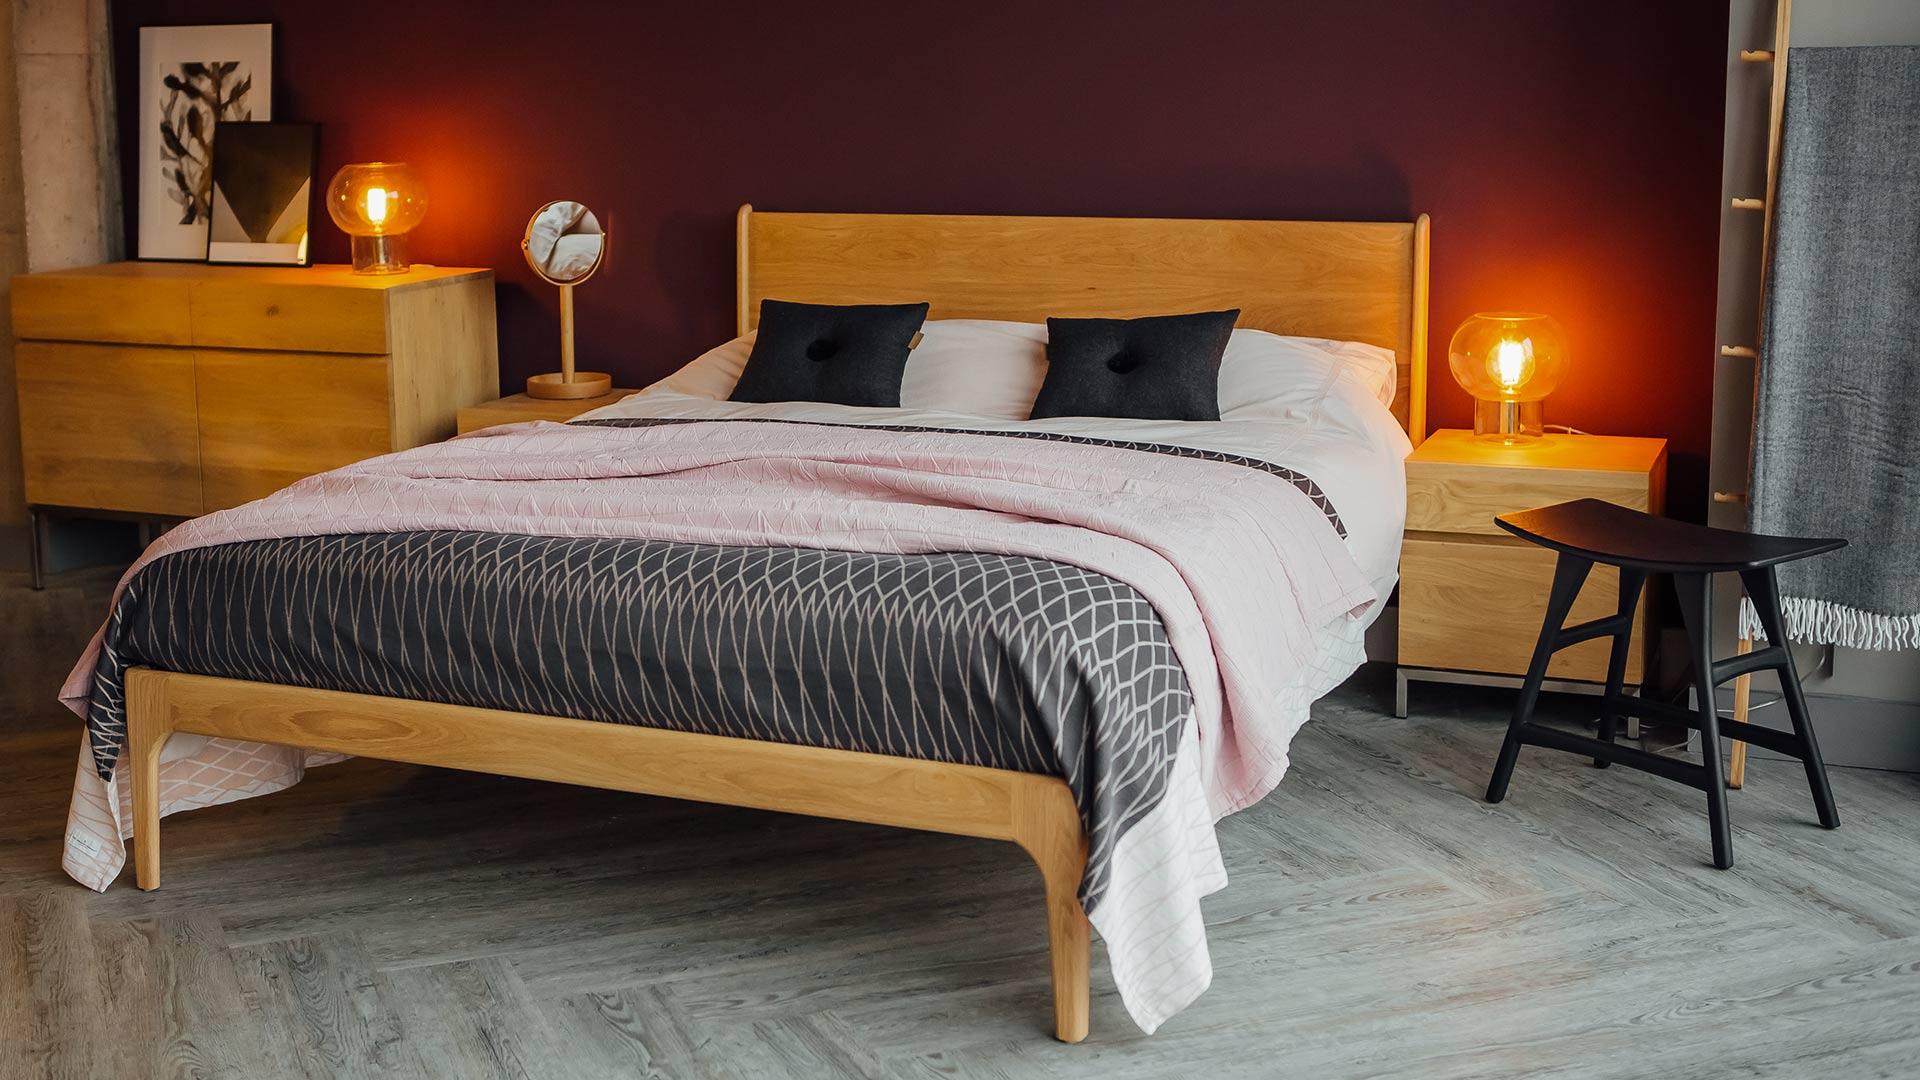 the Camden handmade wooden bed here in Oak